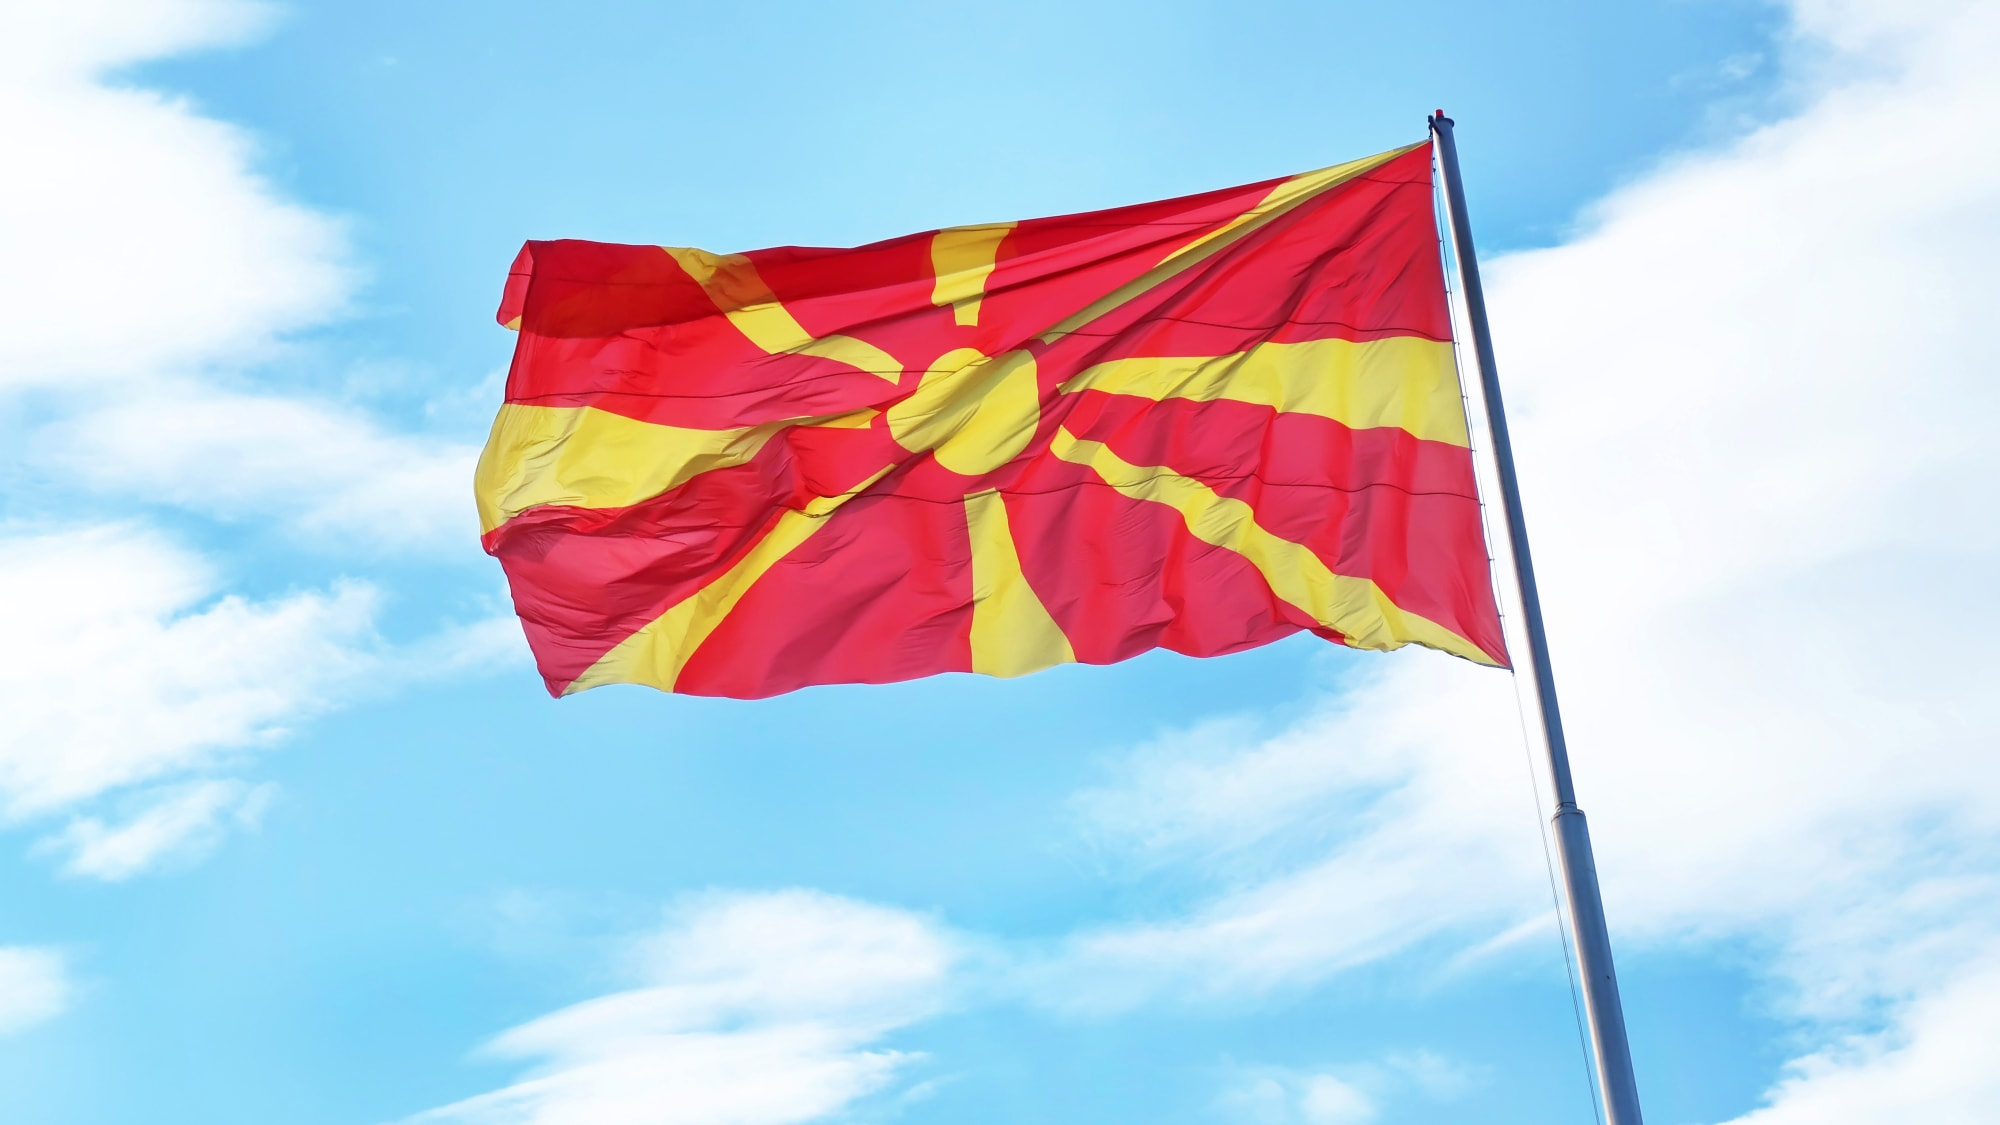 Flagge von Mazedonien